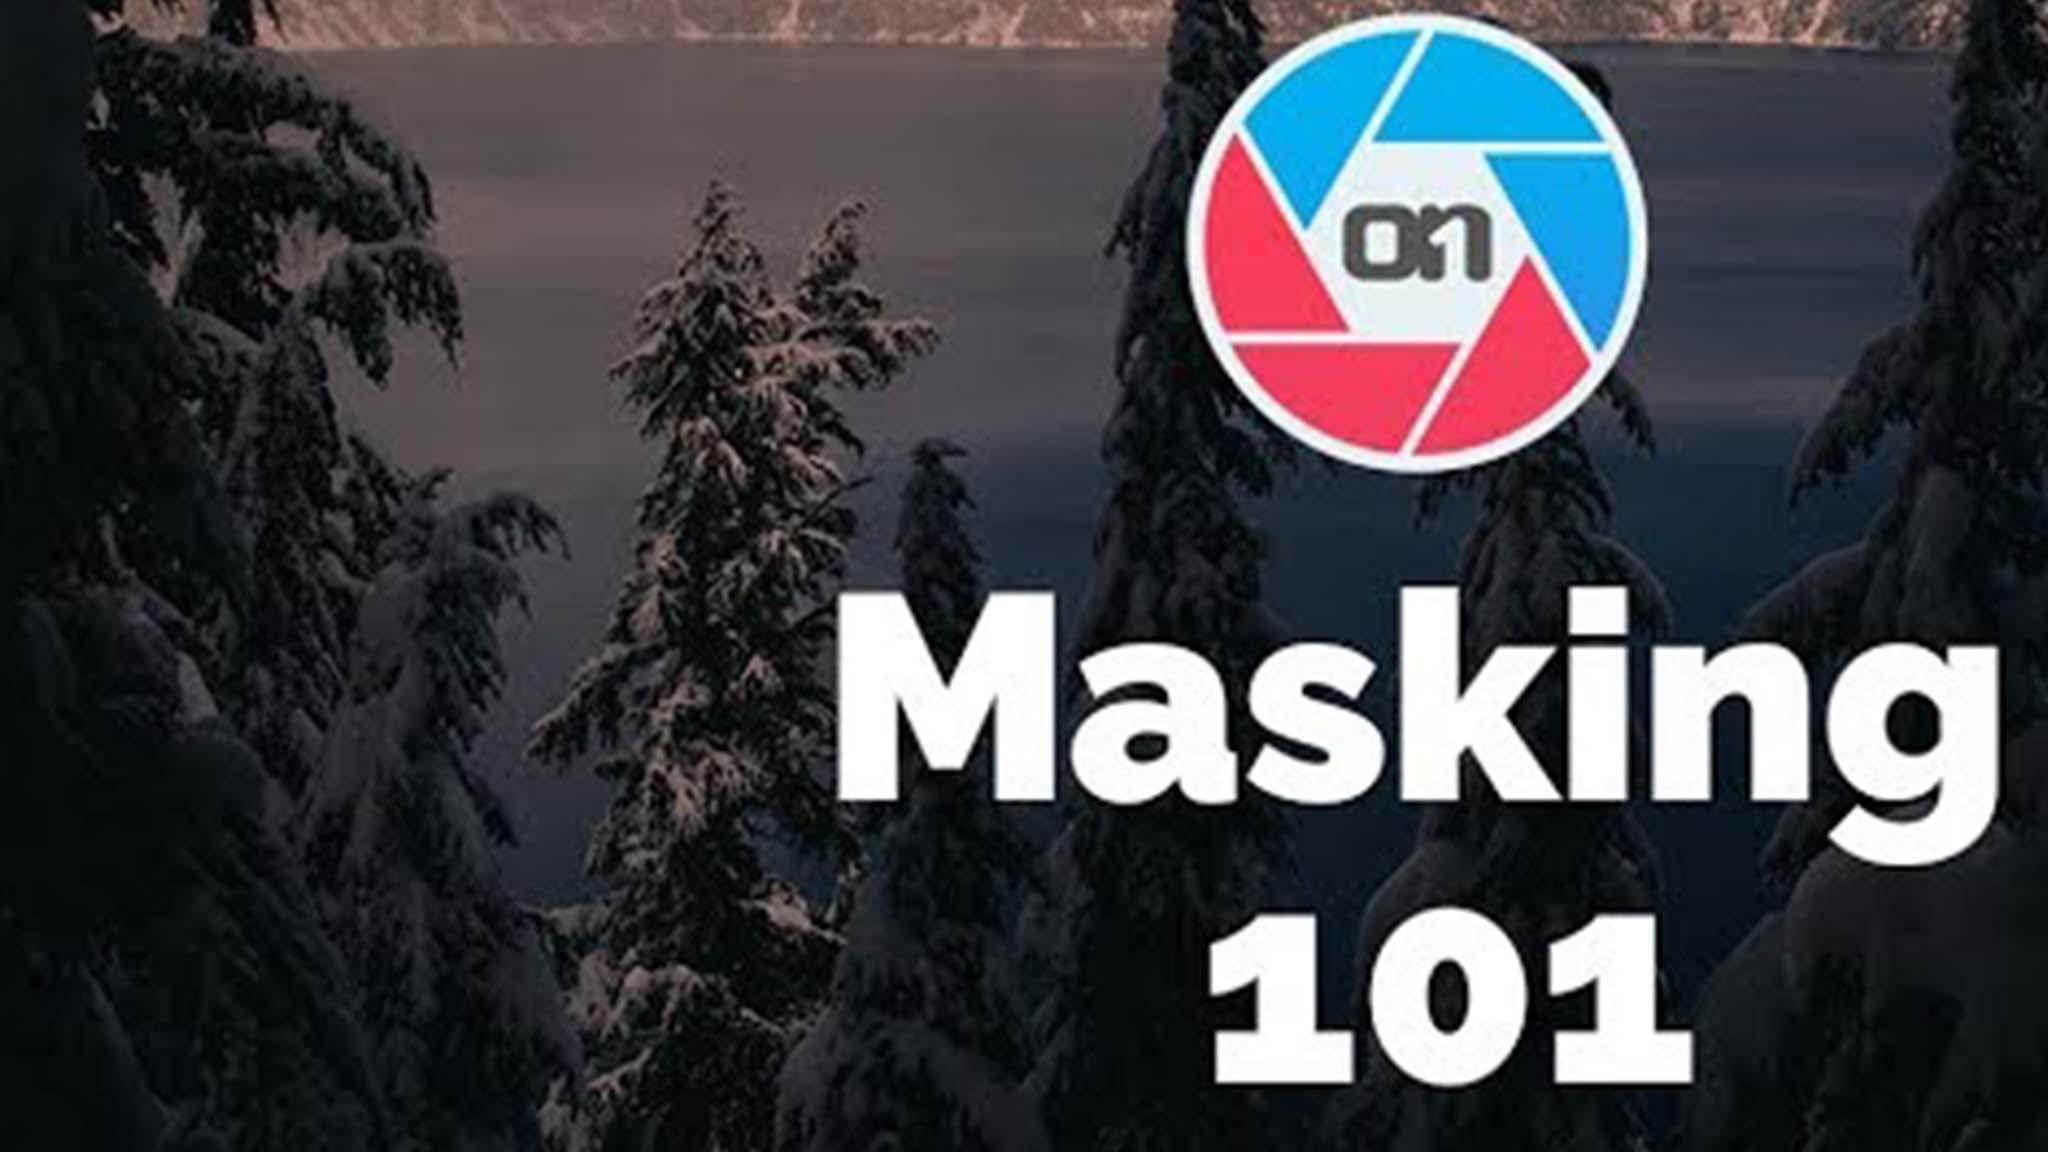 Masking 101